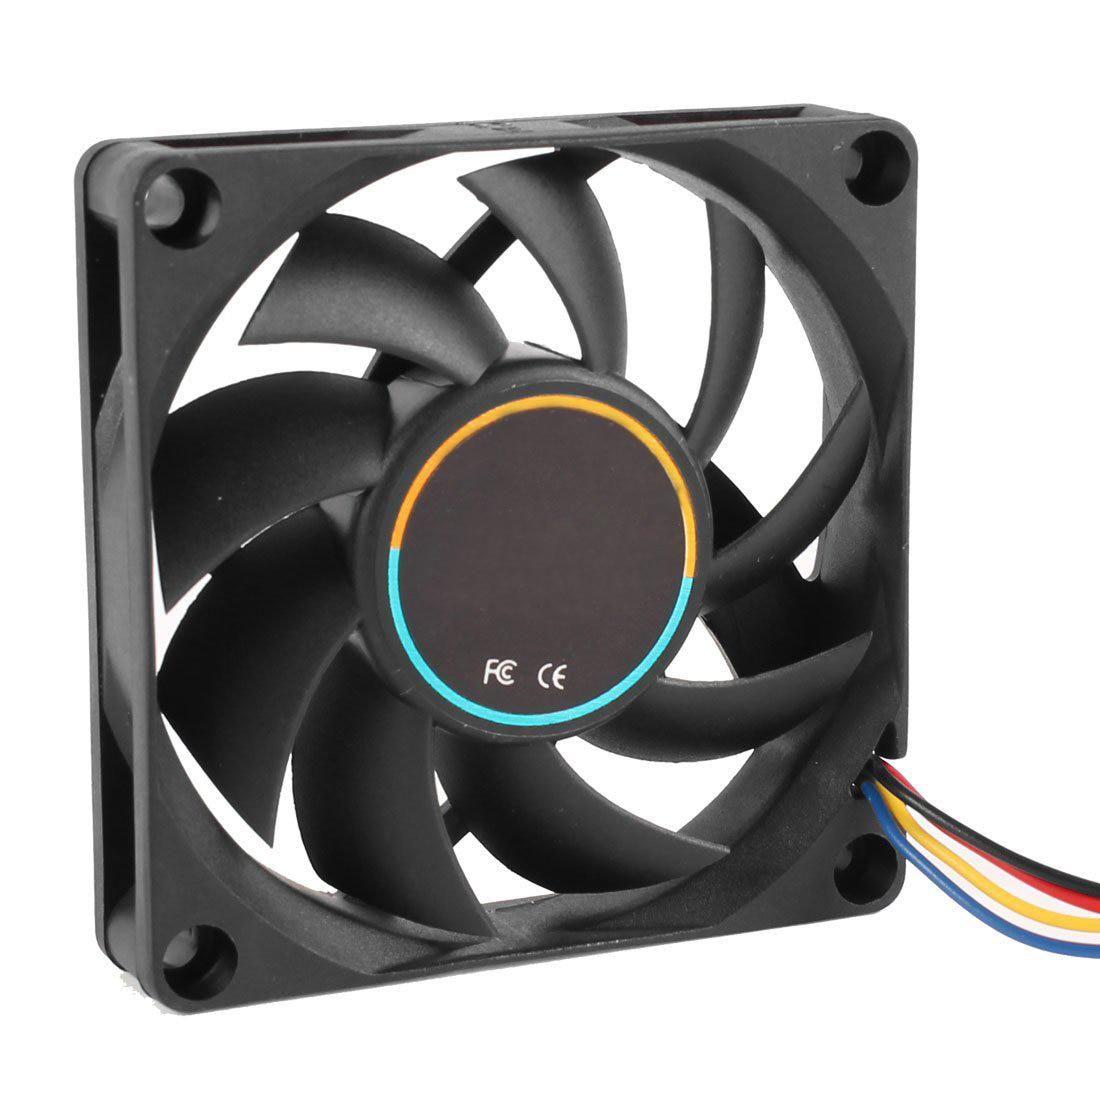 2016 New 70mmx15mm 12v 4 Pins Pwm Pc Computer Case Cpu Cooler